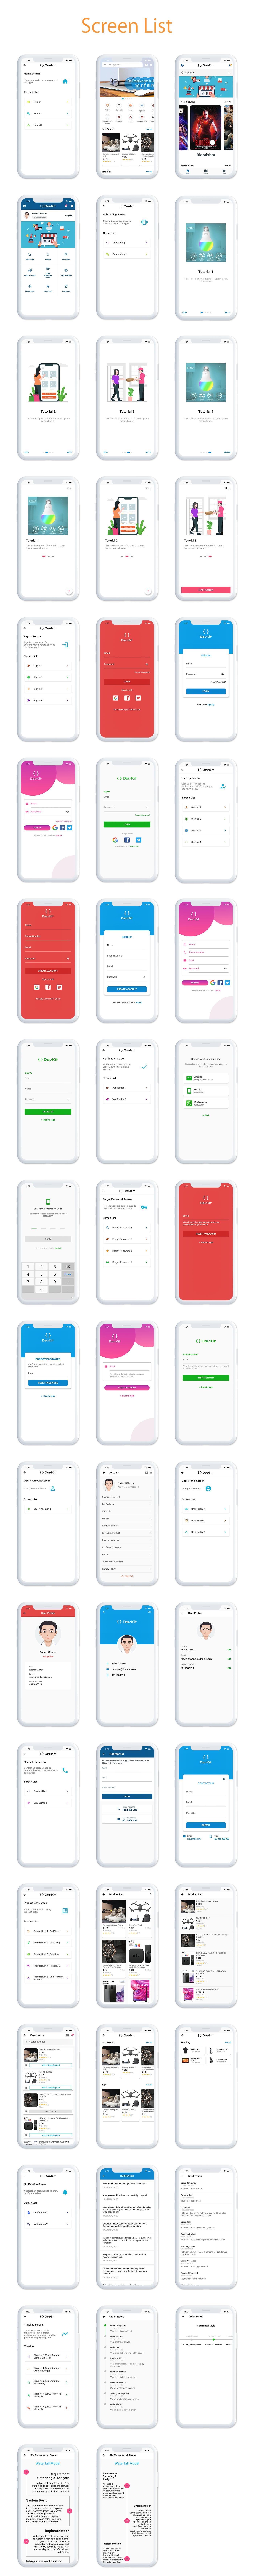 kit d'interface utilisateur de flutter devkit